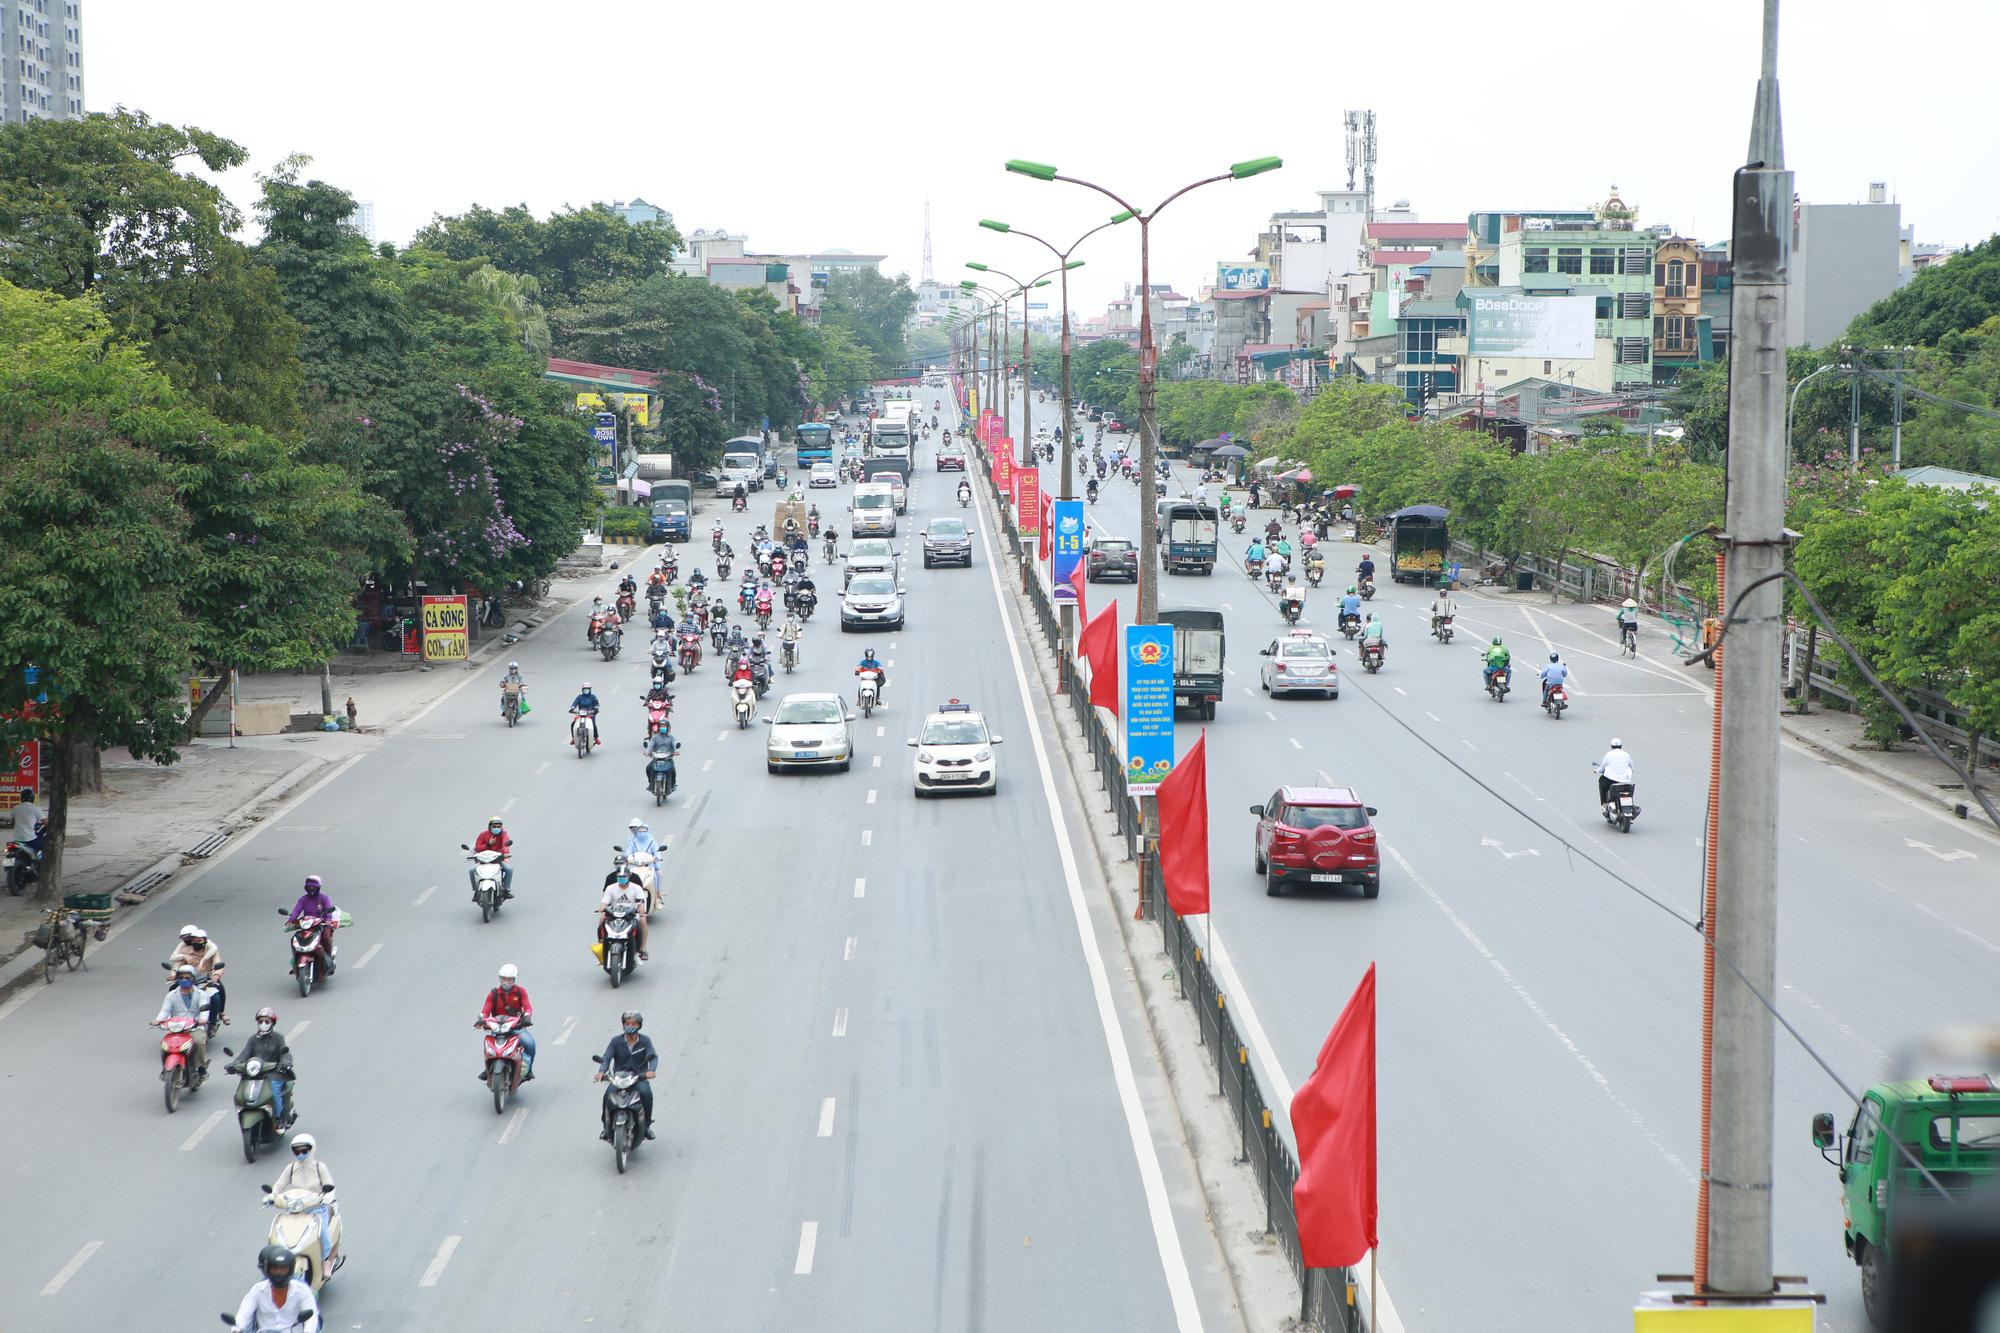 Giao thông cửa ngõ Thủ đô thông thoáng lạ thường ngày cuối kỳ nghỉ lễ 30/4  - Ảnh 1.